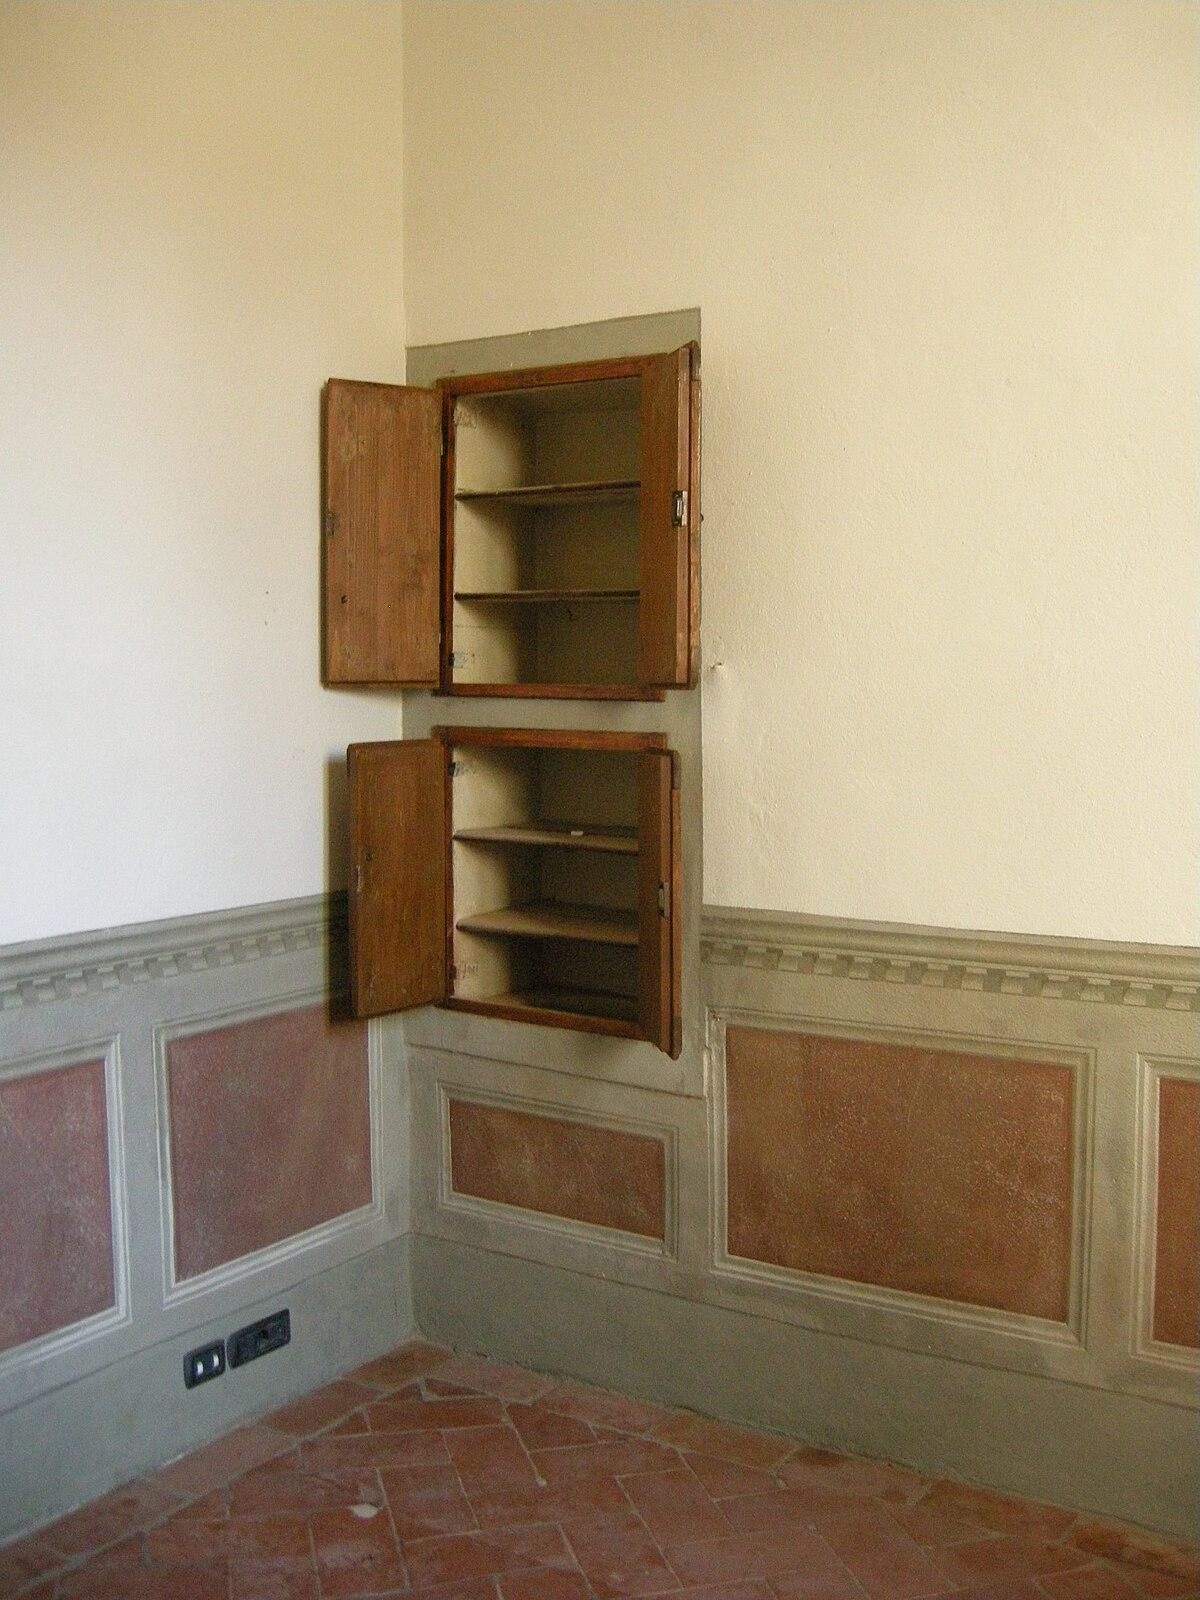 Armadio A Muro Interno file:castello dell'acciaiolo, interno, armadio a muro